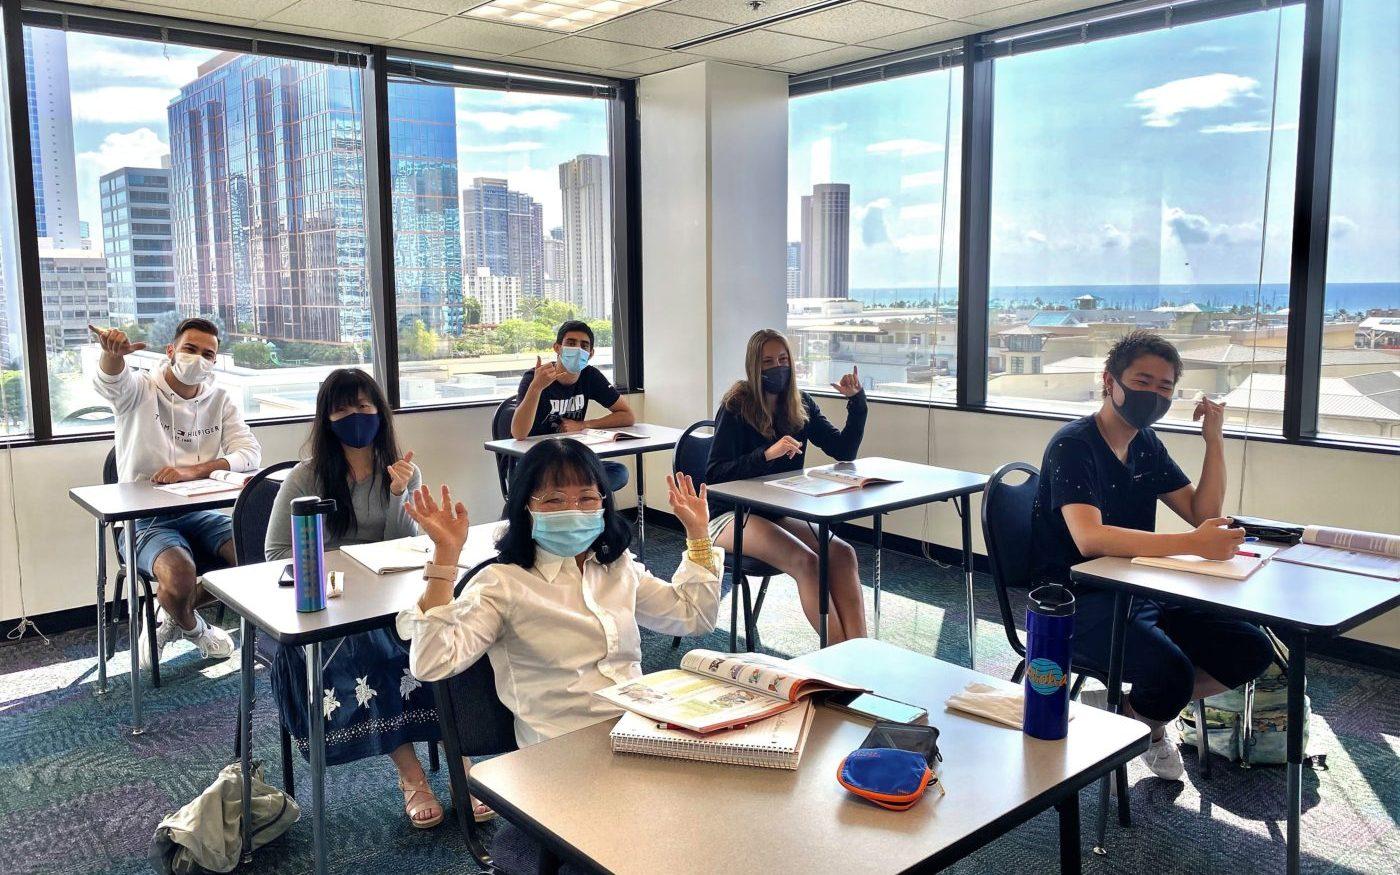 語学学校 Global Village クラスルームでの学生たち